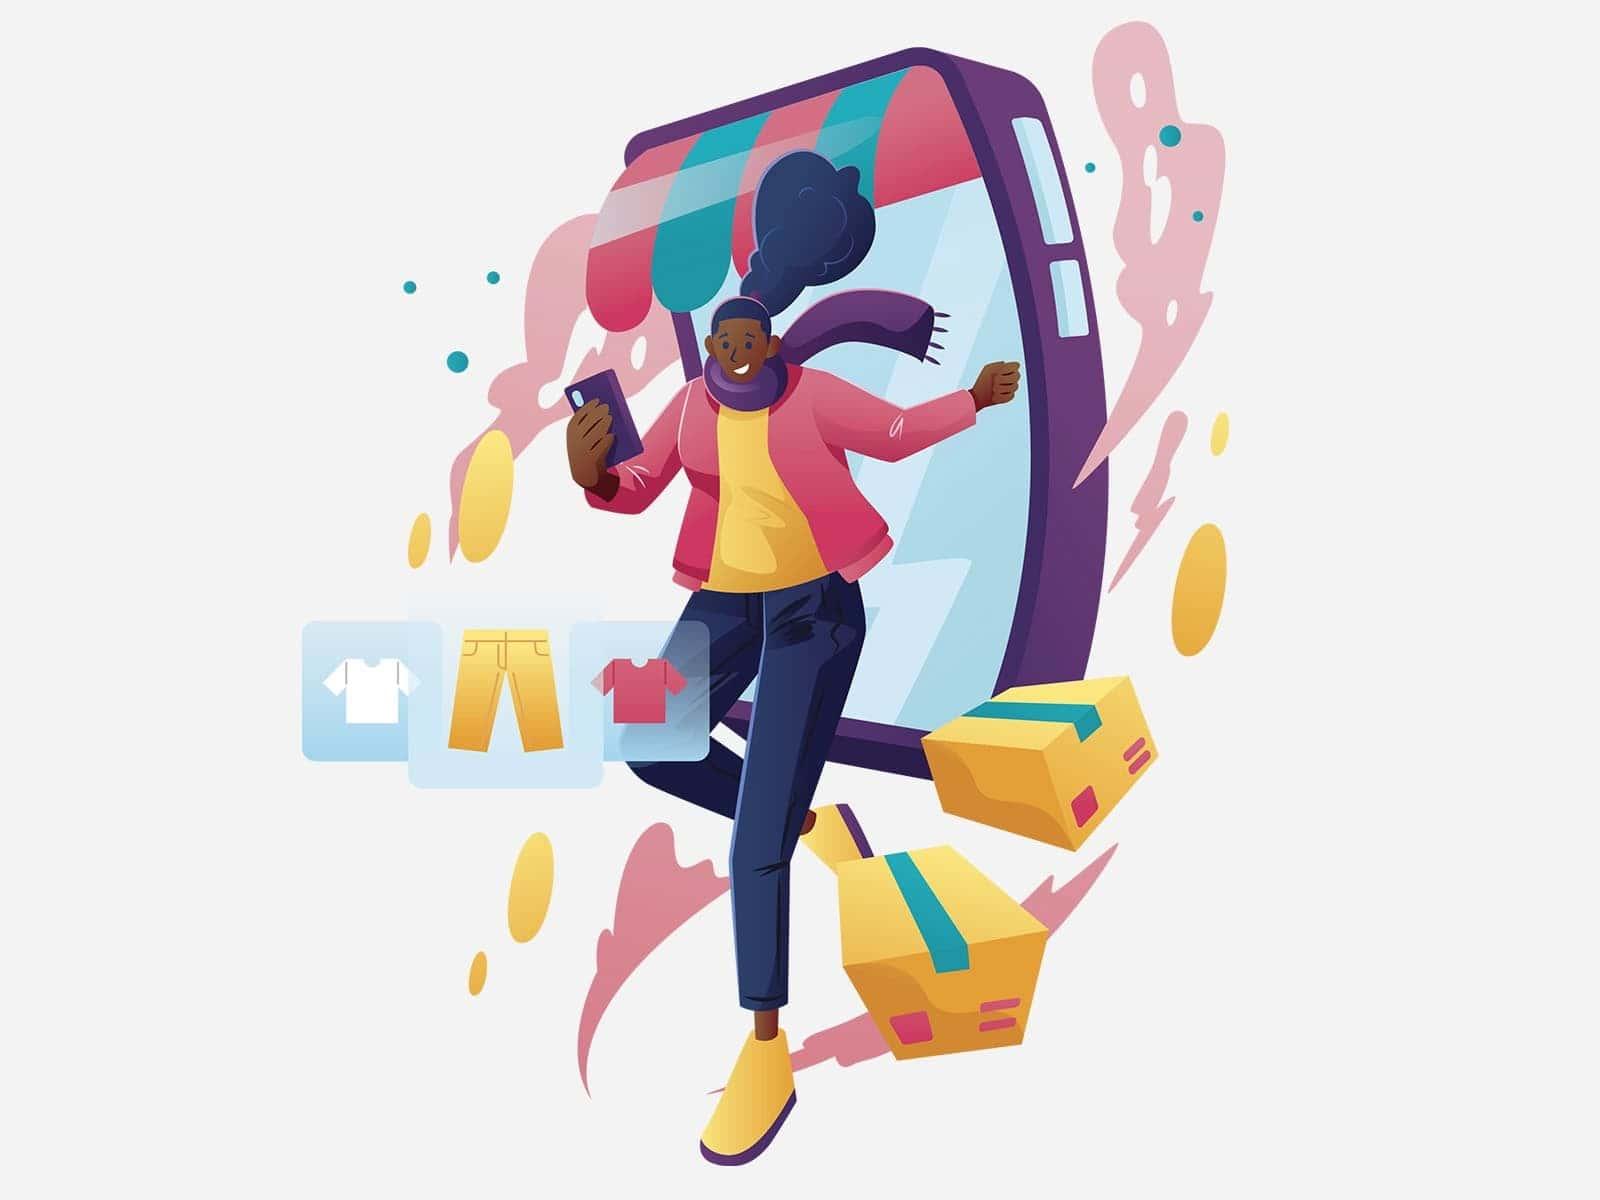 Illustrazione rappresentante ragazza che esce dallo schermo di uno smartphone